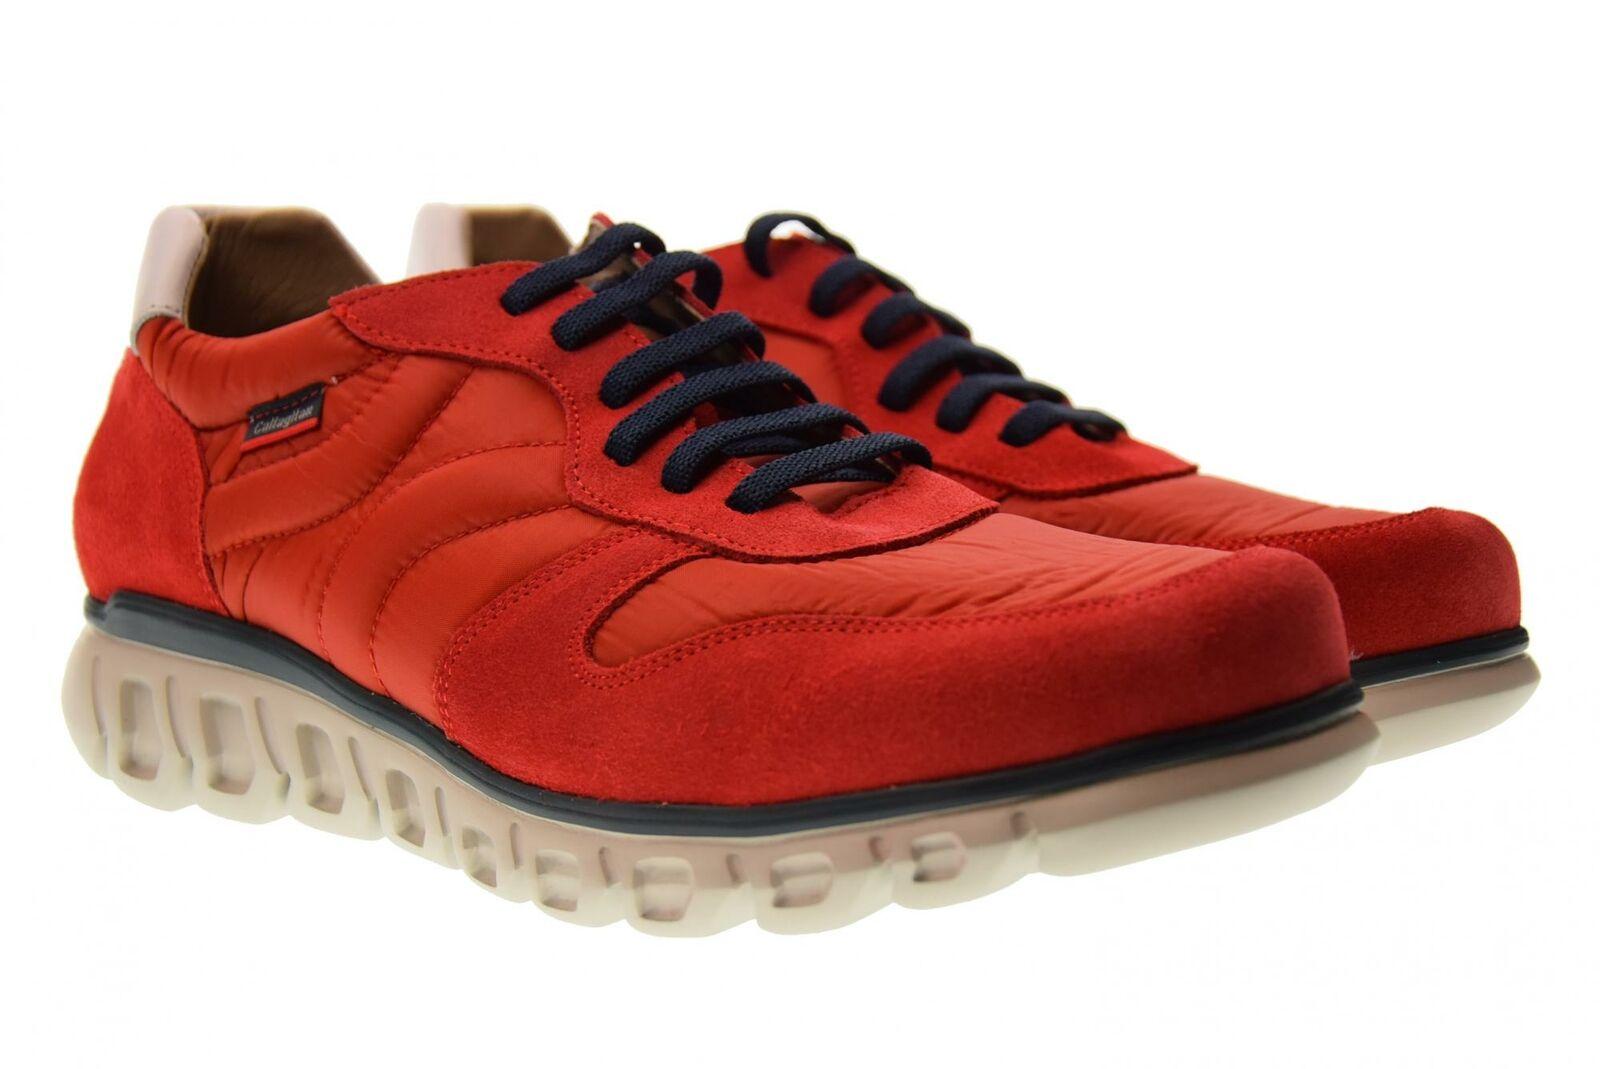 Callaghan P19s shoes de hombre zapatillas bajas 12903 red